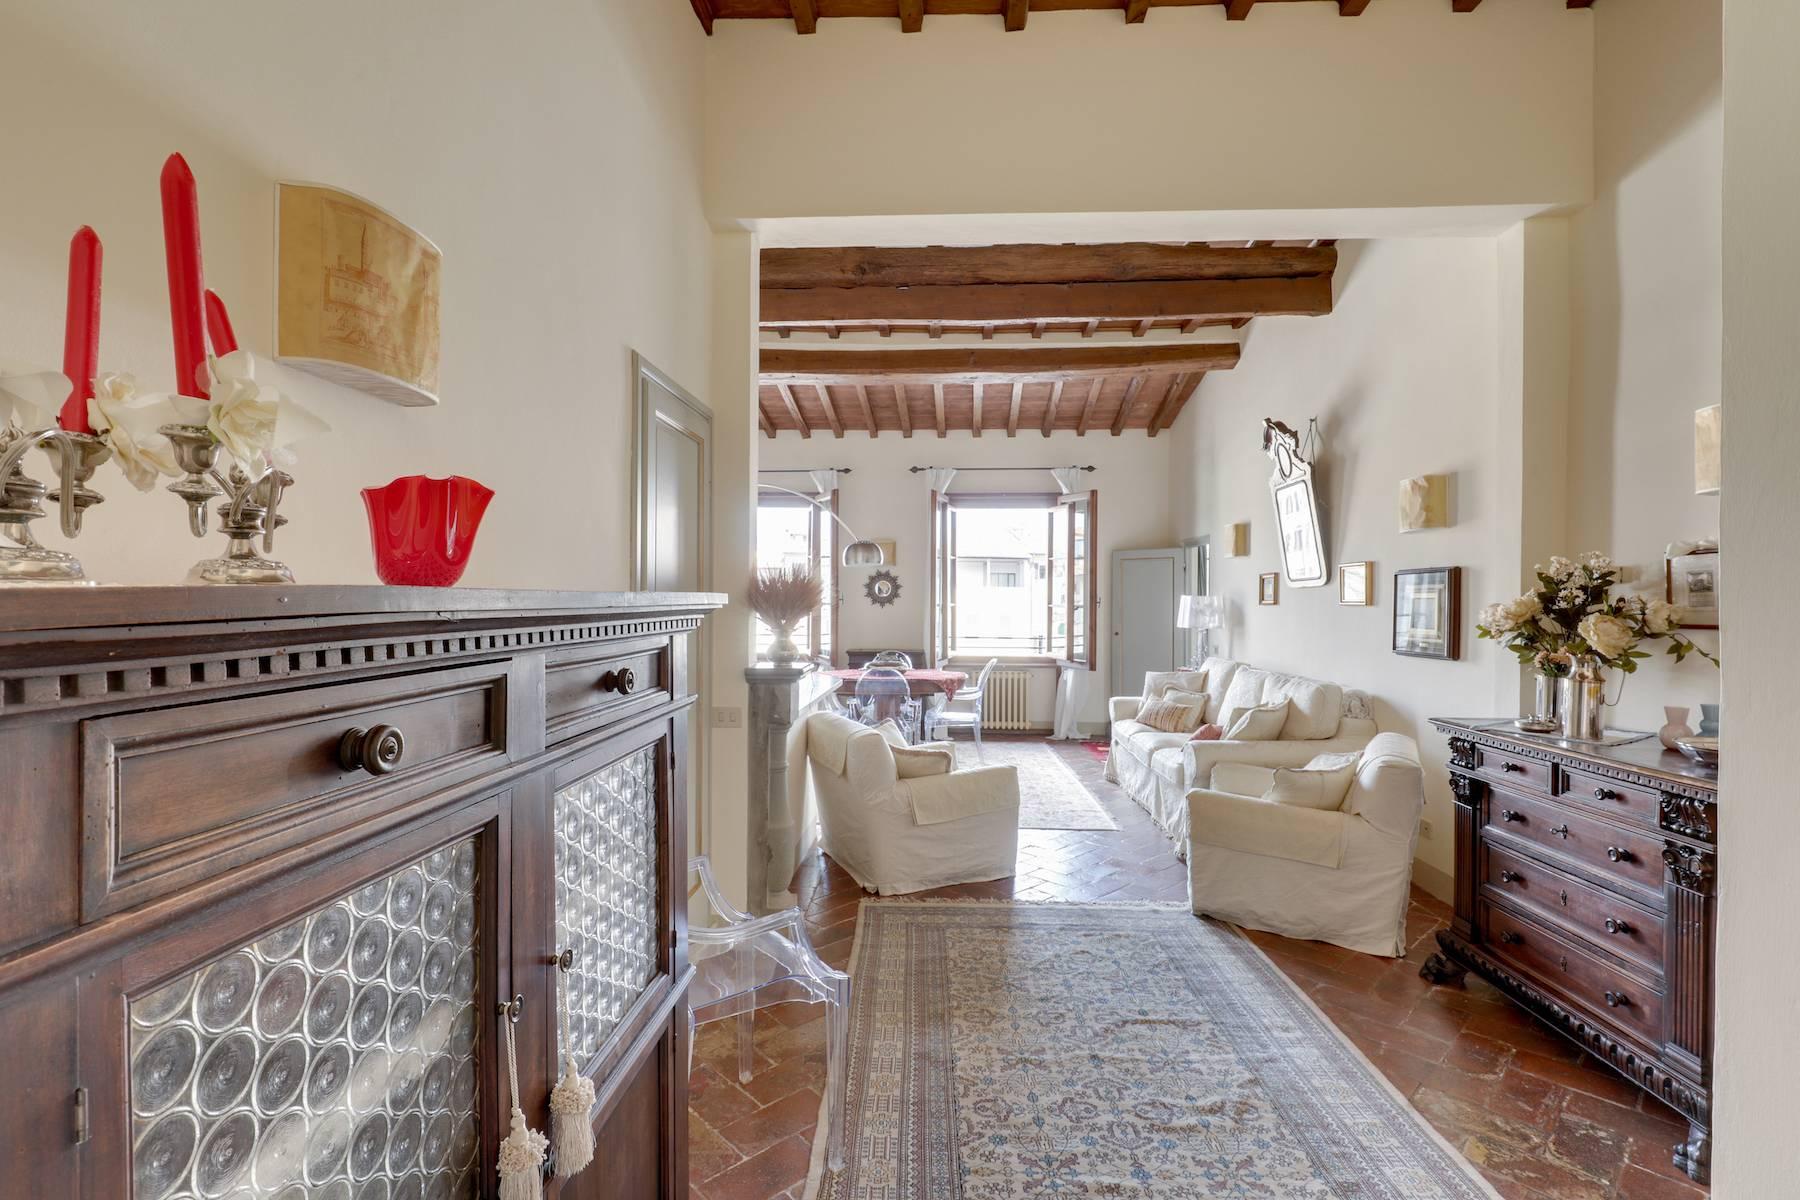 Appartamento in Vendita a Firenze: 4 locali, 90 mq - Foto 6